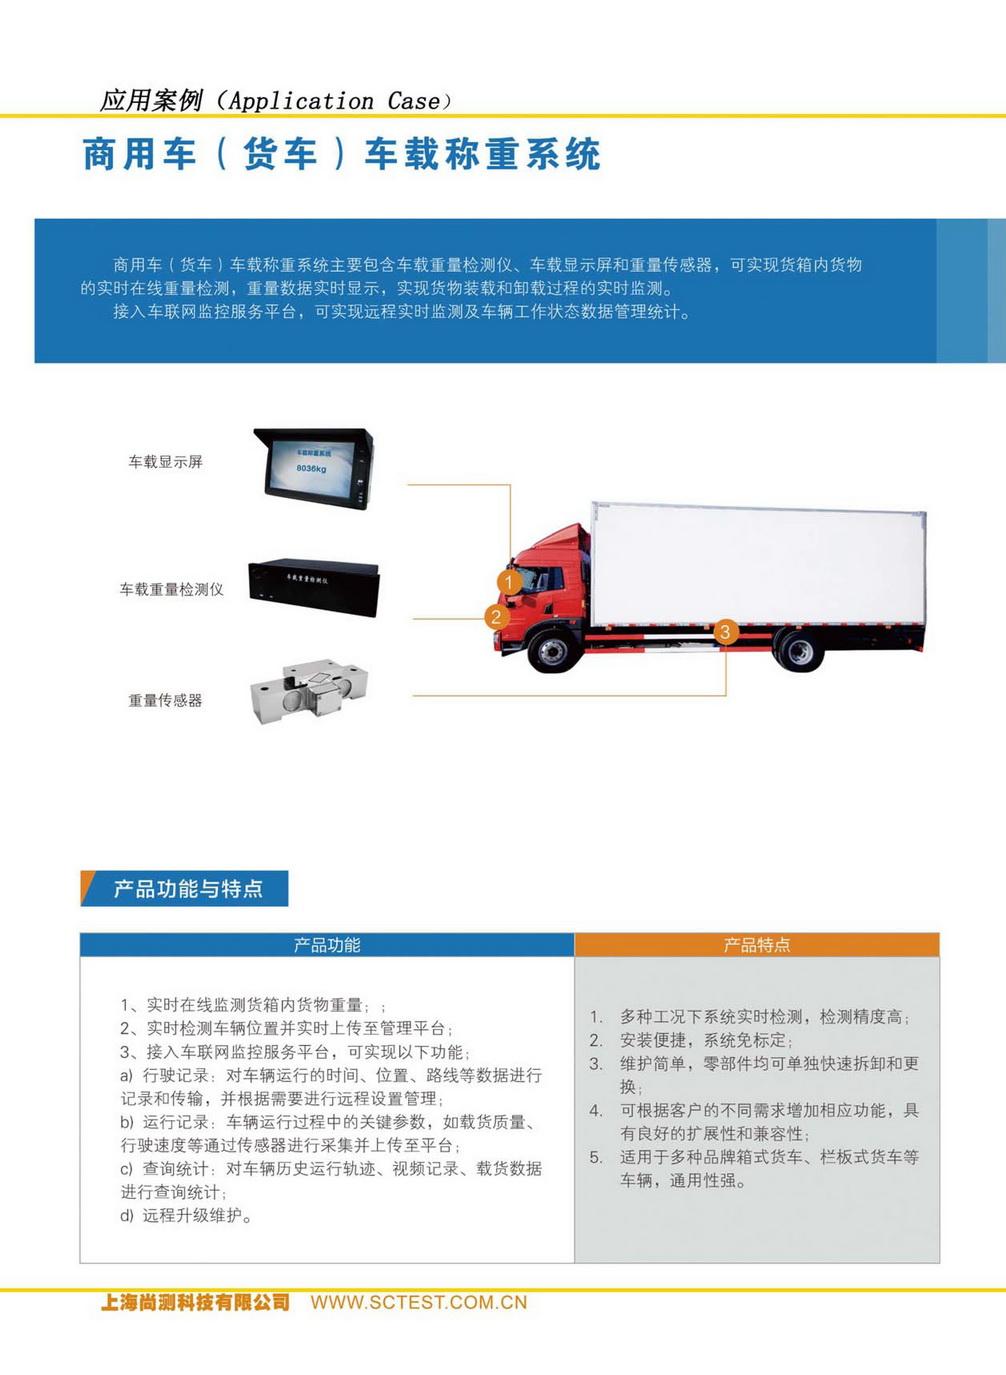 尚测科技产品选型手册 V1.3_页面_79_调整大小.jpg